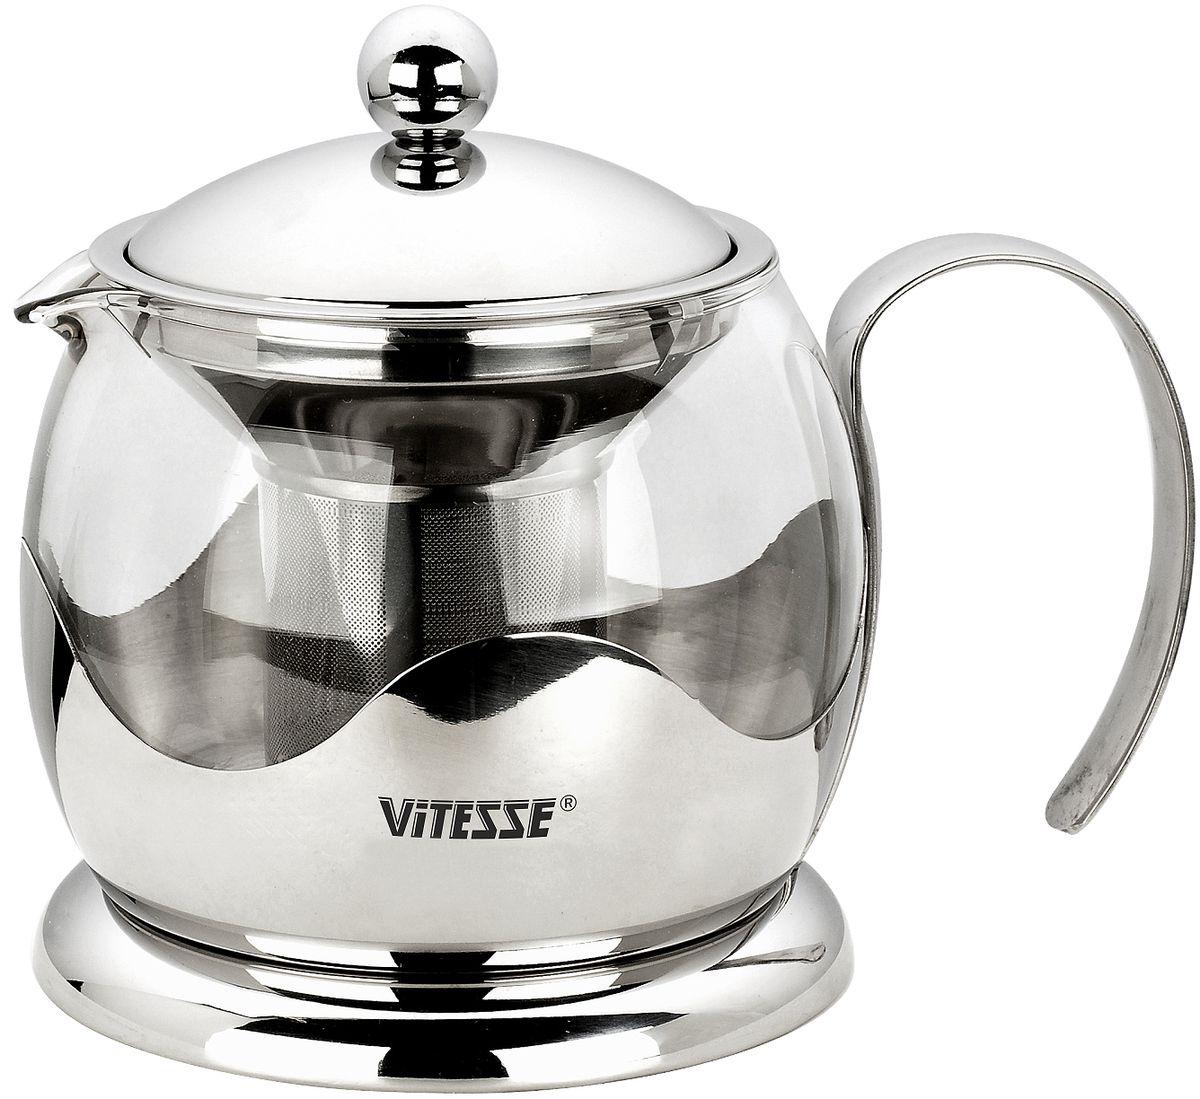 Чайник заварочный Vitesse Galina, 1,2 л. VS-192068/5/2Заварочный чайник Galina, выполненный из термостойкого стекла, послужит вам не только для приготовления чая, но и для подачи чая к столу. Благодаря резервуару из прозрачного стекла можно легко определить момент закипания воды, а также количество оставшегося чая в заварочном чайнике. Крышка и фильтр чайника, отделяющий чайные листья от воды, выполнены из высококачественной нержавеющей стали.Эстетичный и функциональный, с эксклюзивным дизайном, чайник дополнит интерьер и придаст ему оригинальности.Высота чайника (без учета крышки): 12 см. Диаметр основания чайника: 14 см.